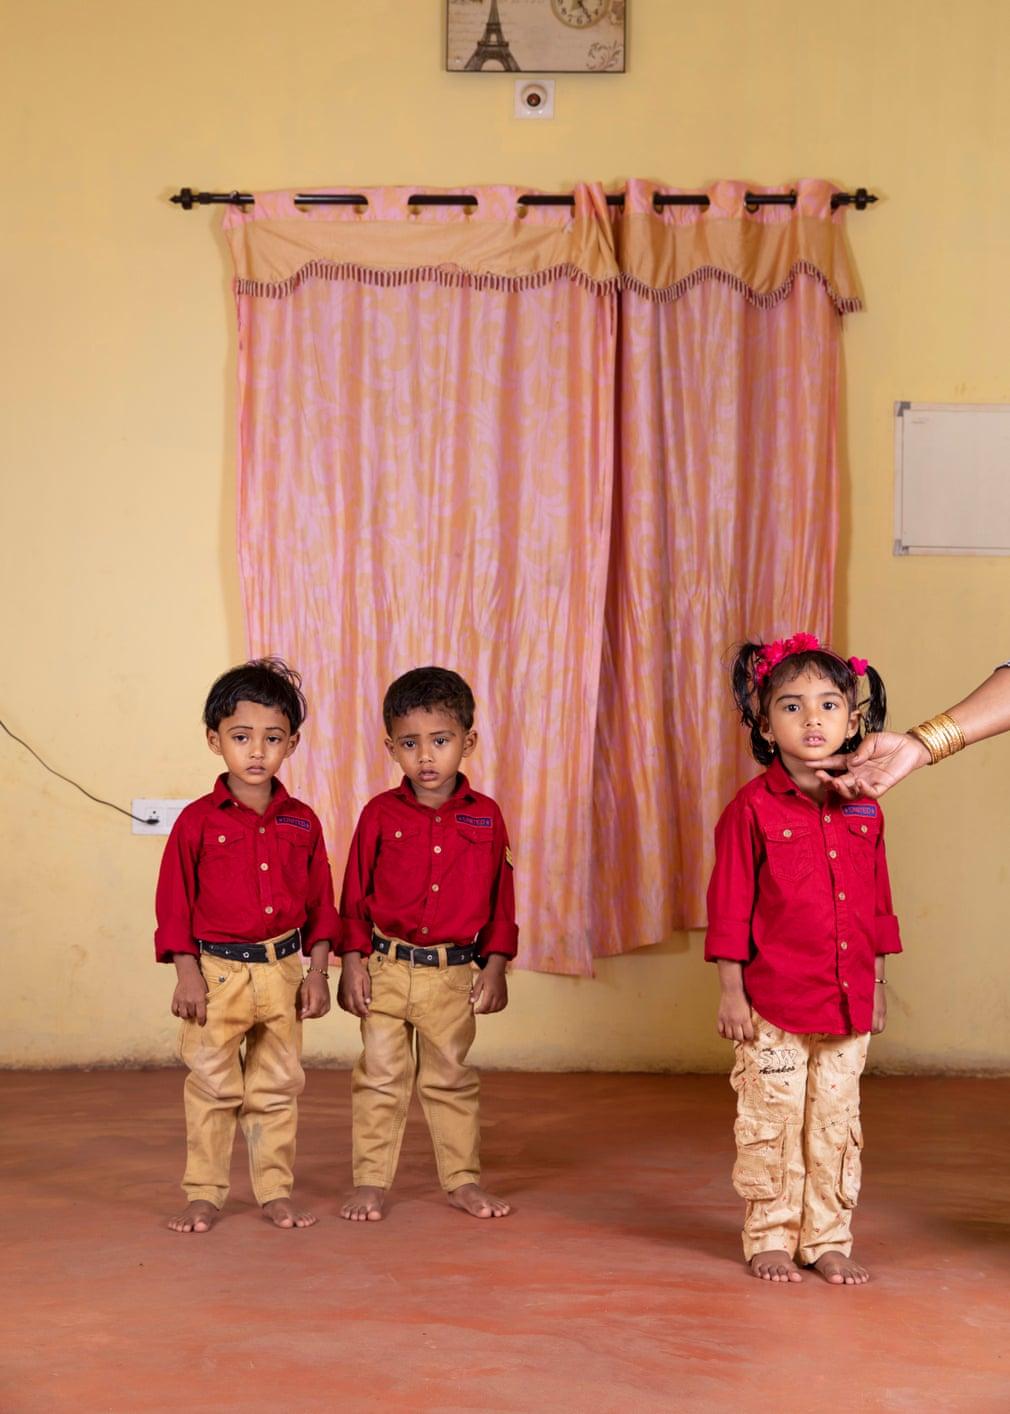 """三胞胎穿着一件绣有""""团结""""字样的衬衫,但他们的未来将截然不同。许多印度人与大家庭住在一起;婚后,男孩们将留在家里。而母亲抬起女儿的下巴,让她面对自己的命运。结婚后,女孩将与公婆同住。戴一套手镯的母亲,是已婚妇女的标志。"""